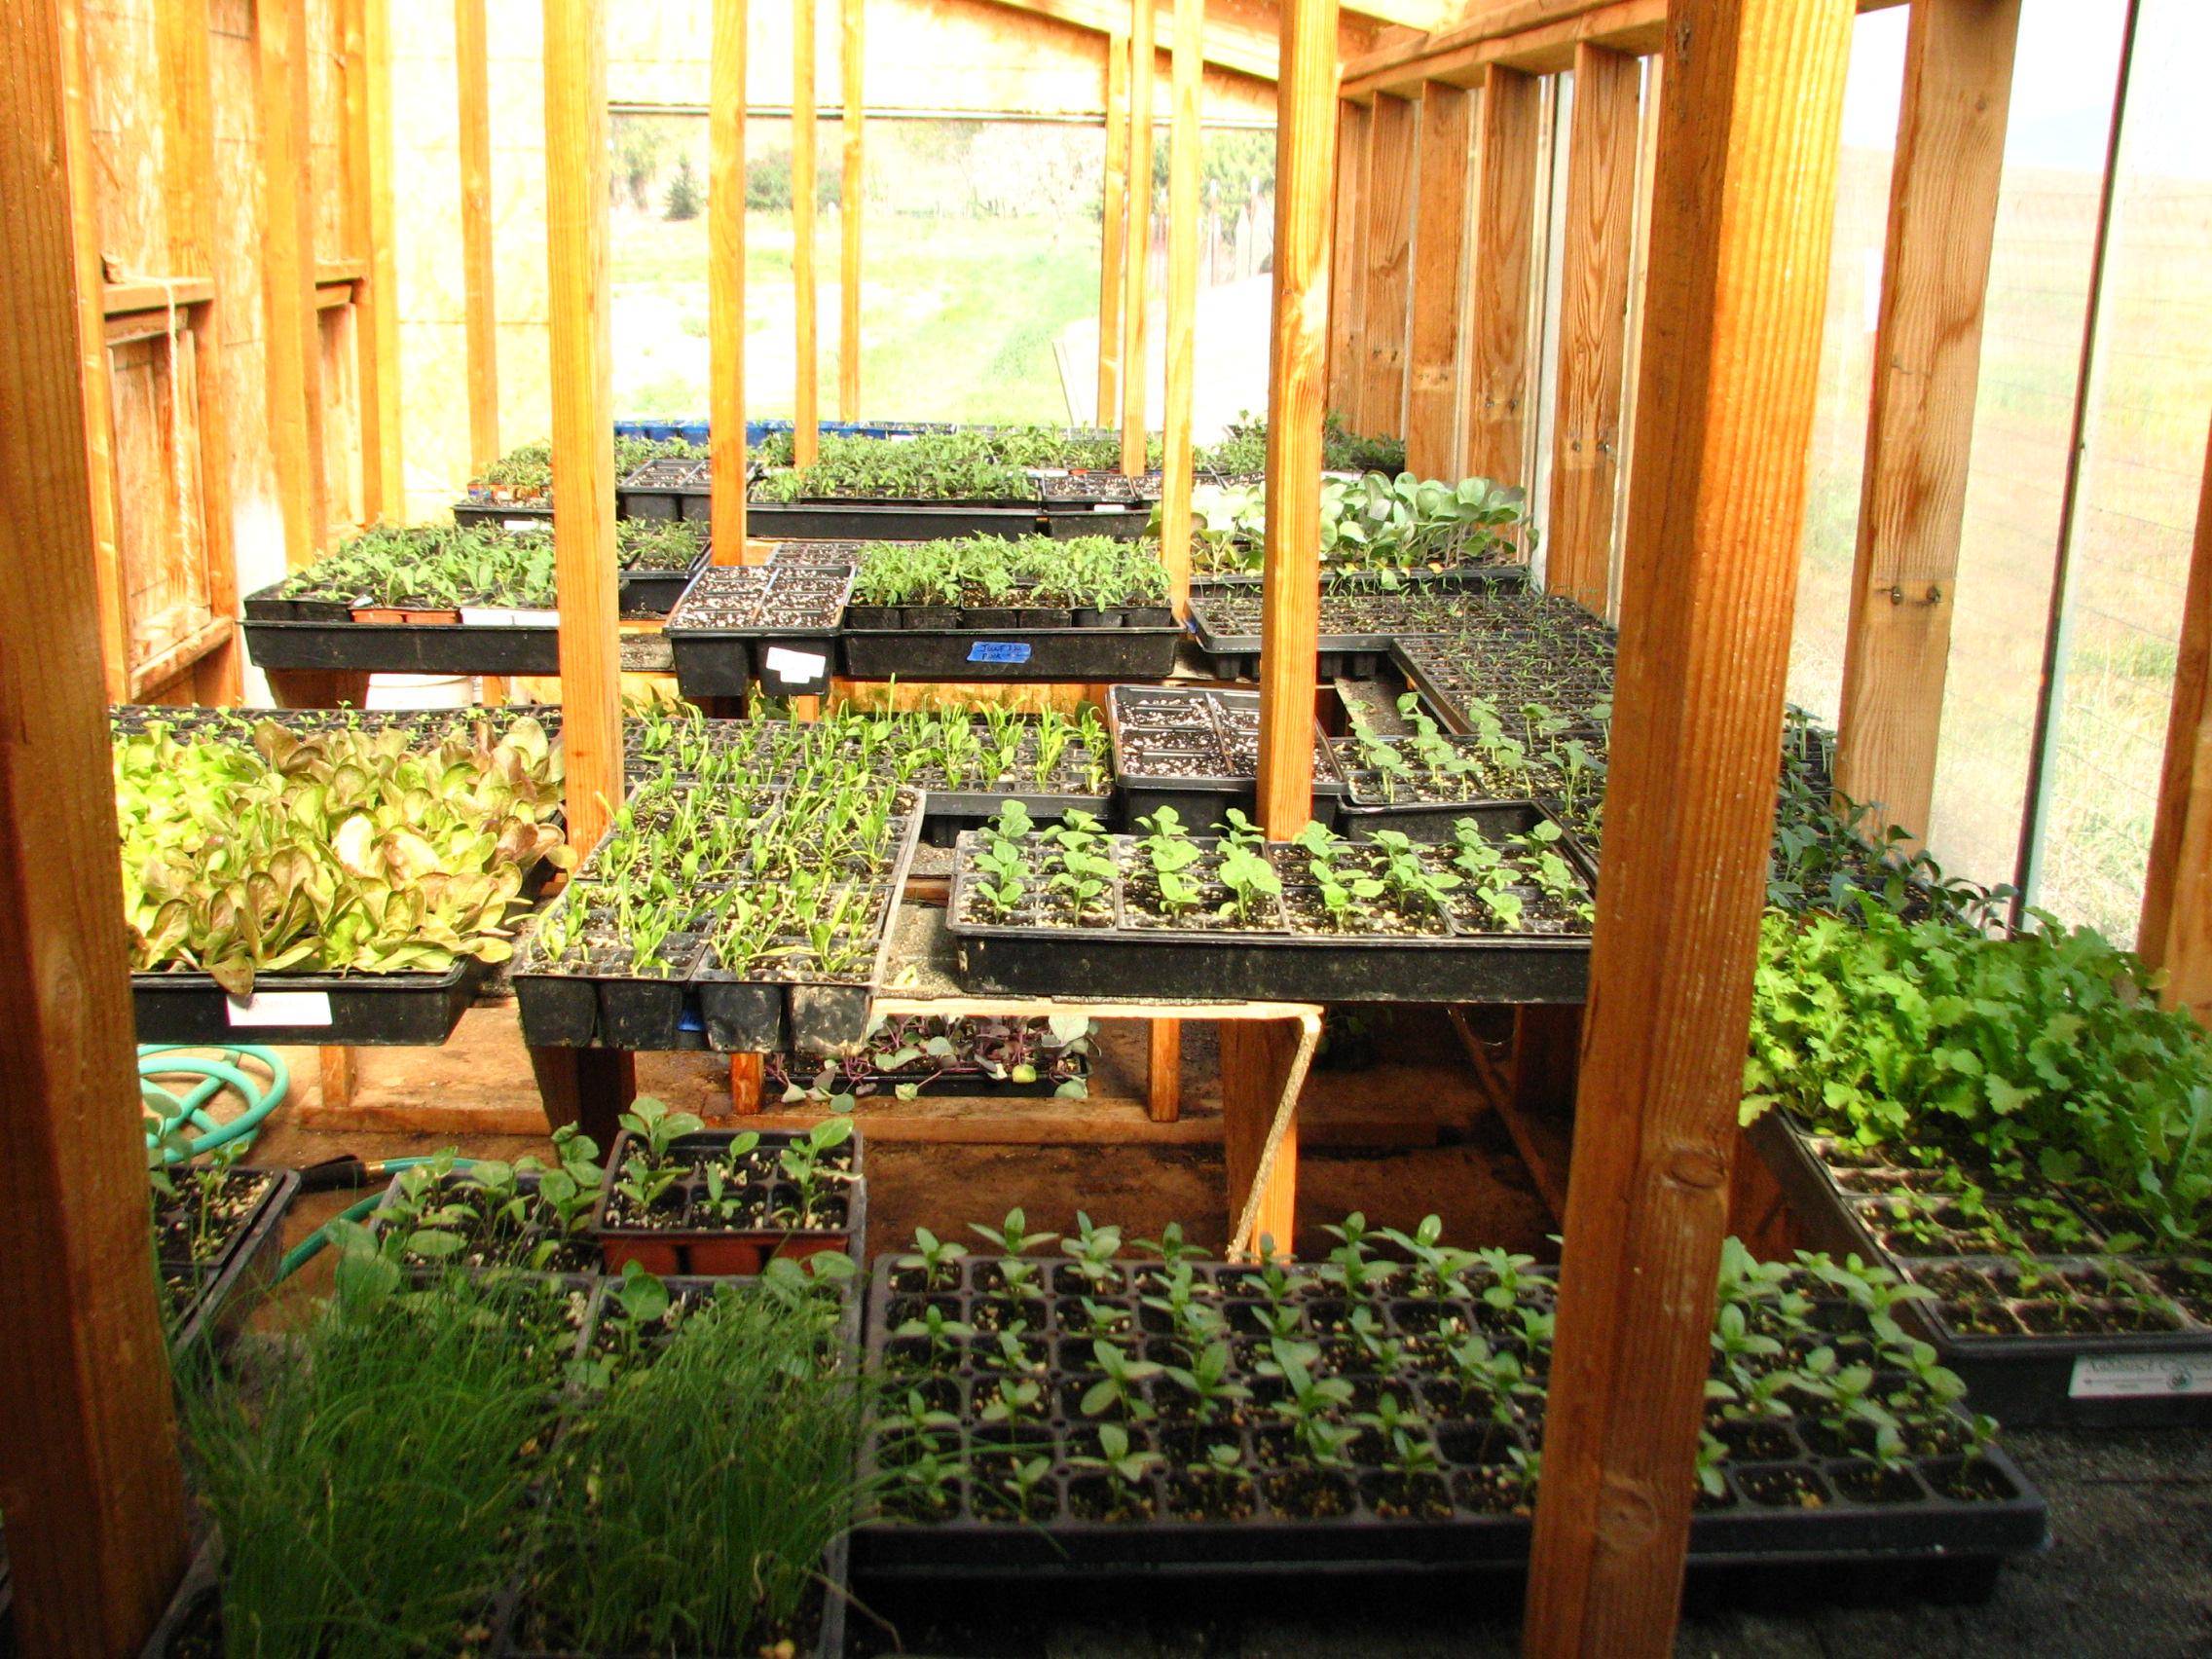 greenhouse homeward bounty farm